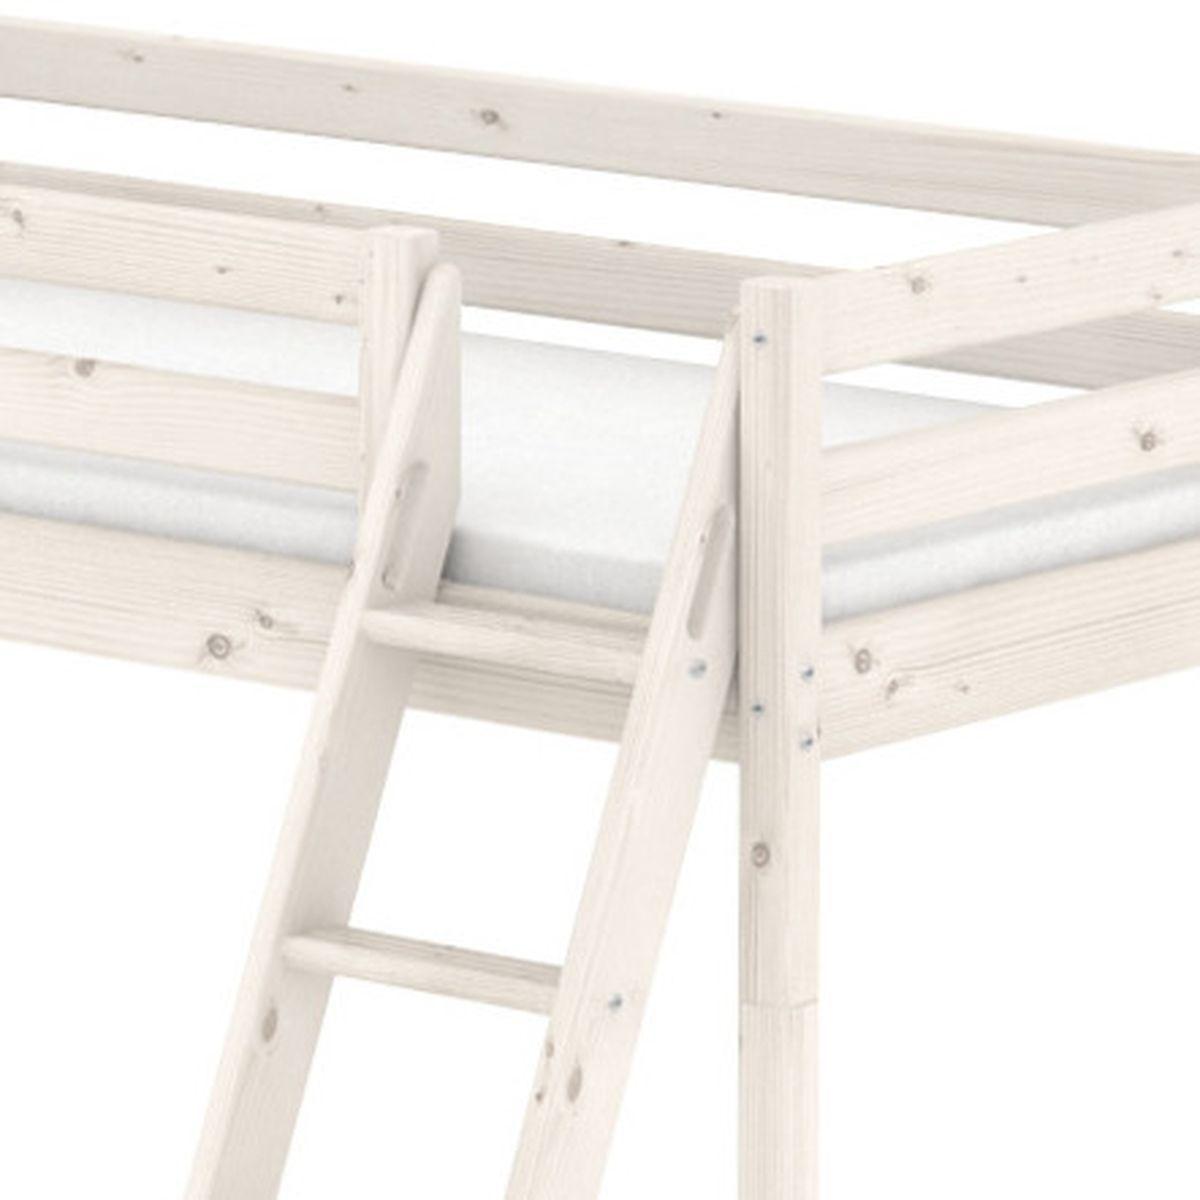 Lit mi-hauteur Classic Line 90x200 cm + échelle inclinée avec poignées intégrées + toboggan by Flexa